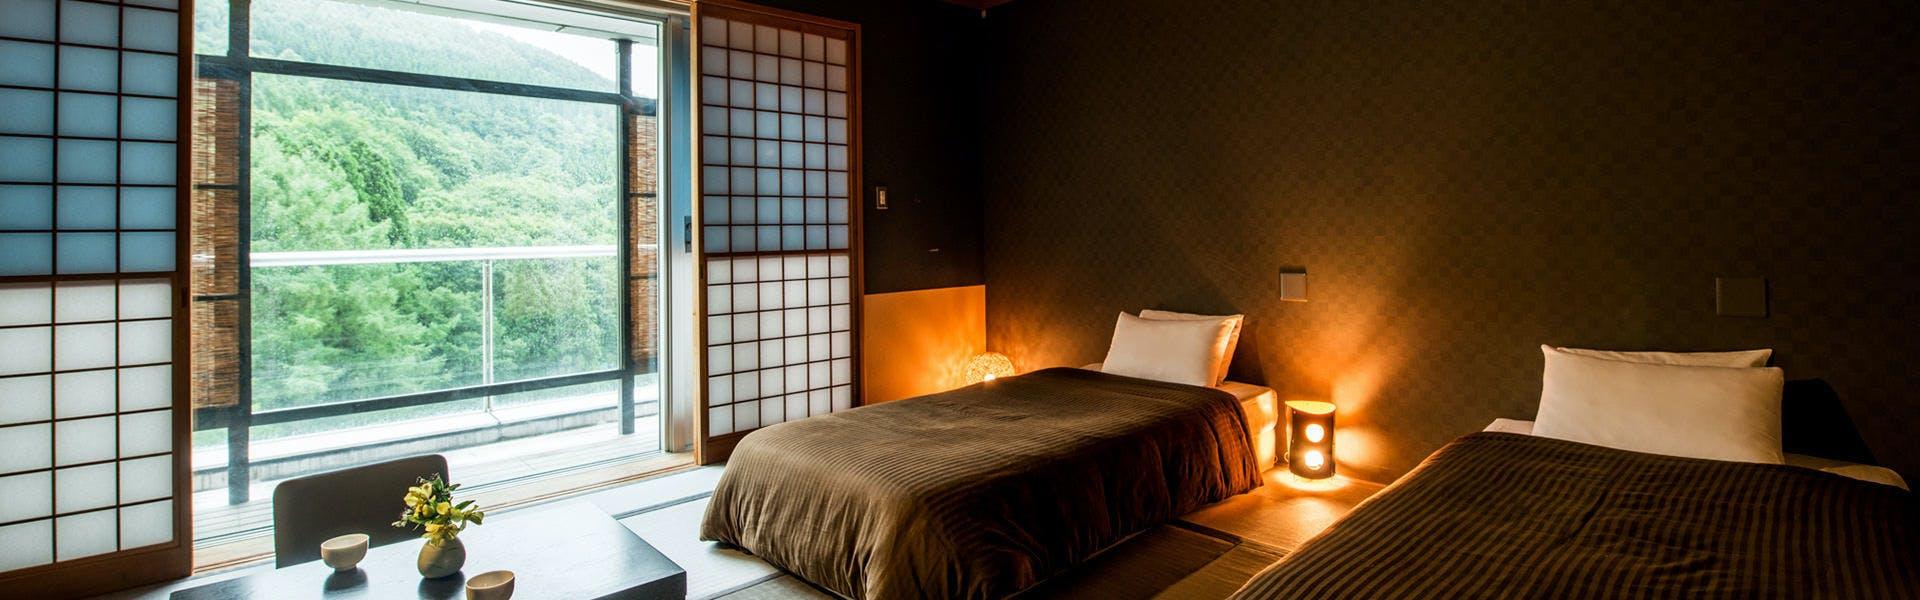 記念日におすすめのホテル・たかみや 瑠璃倶楽リゾートの写真1